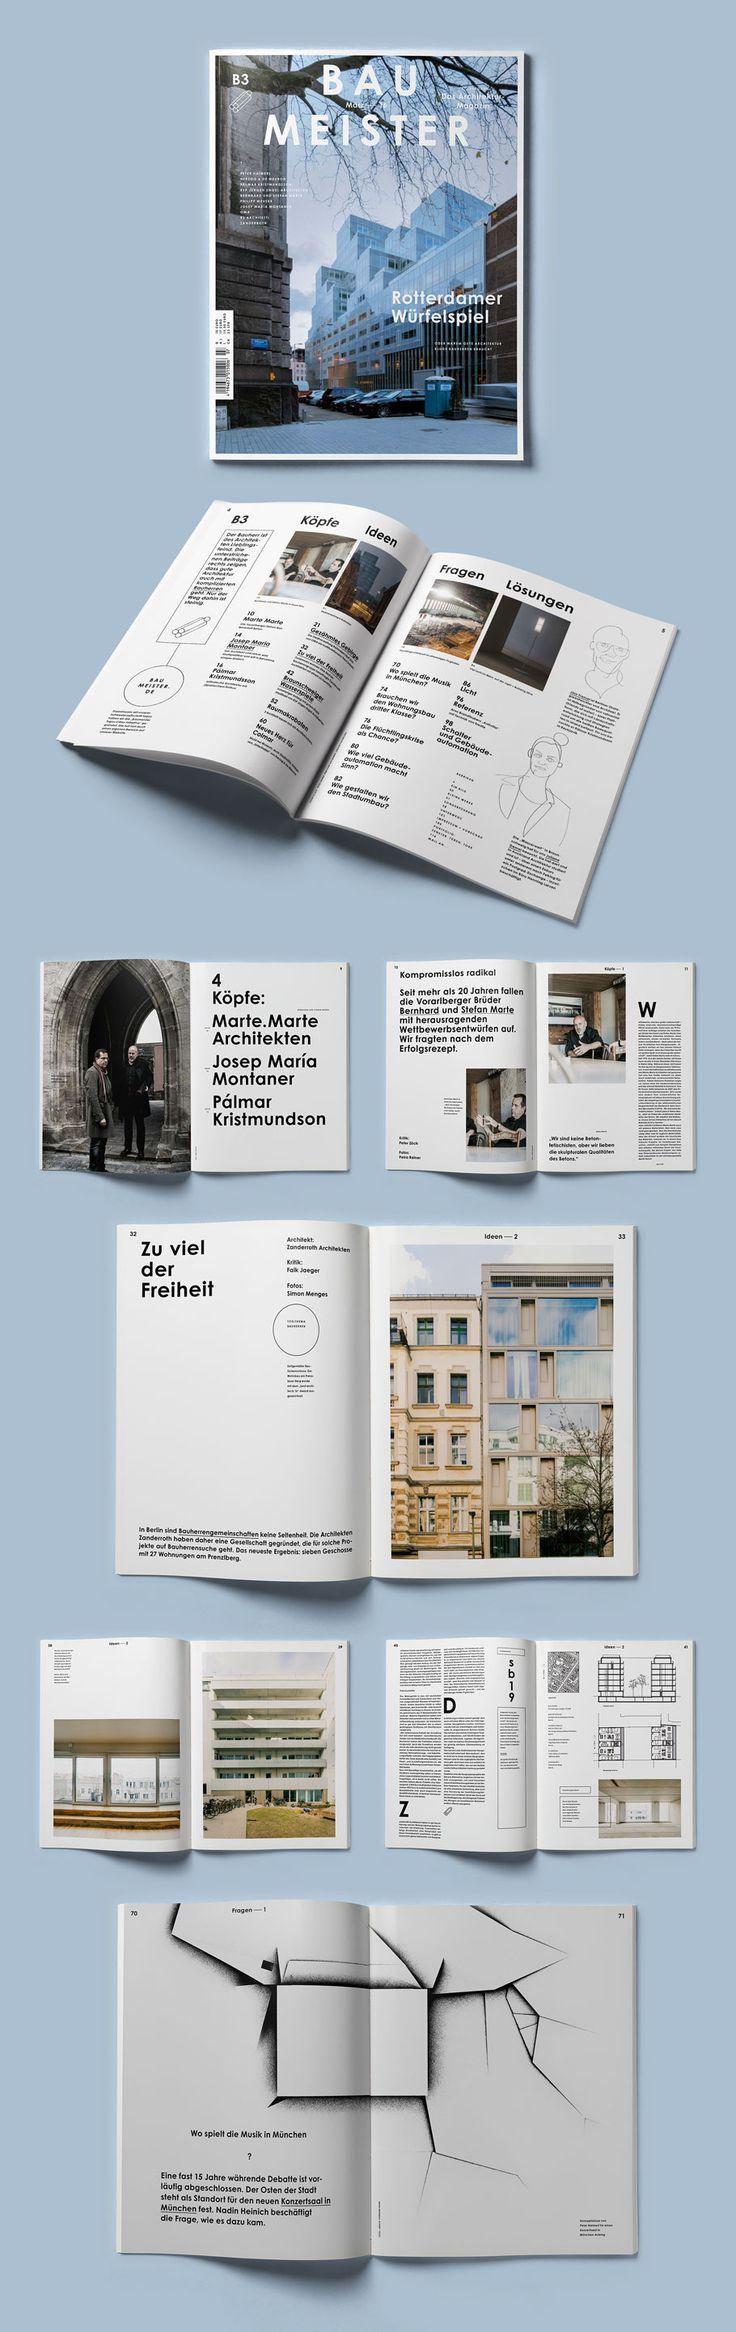 Herburg Weiland: Baumeister